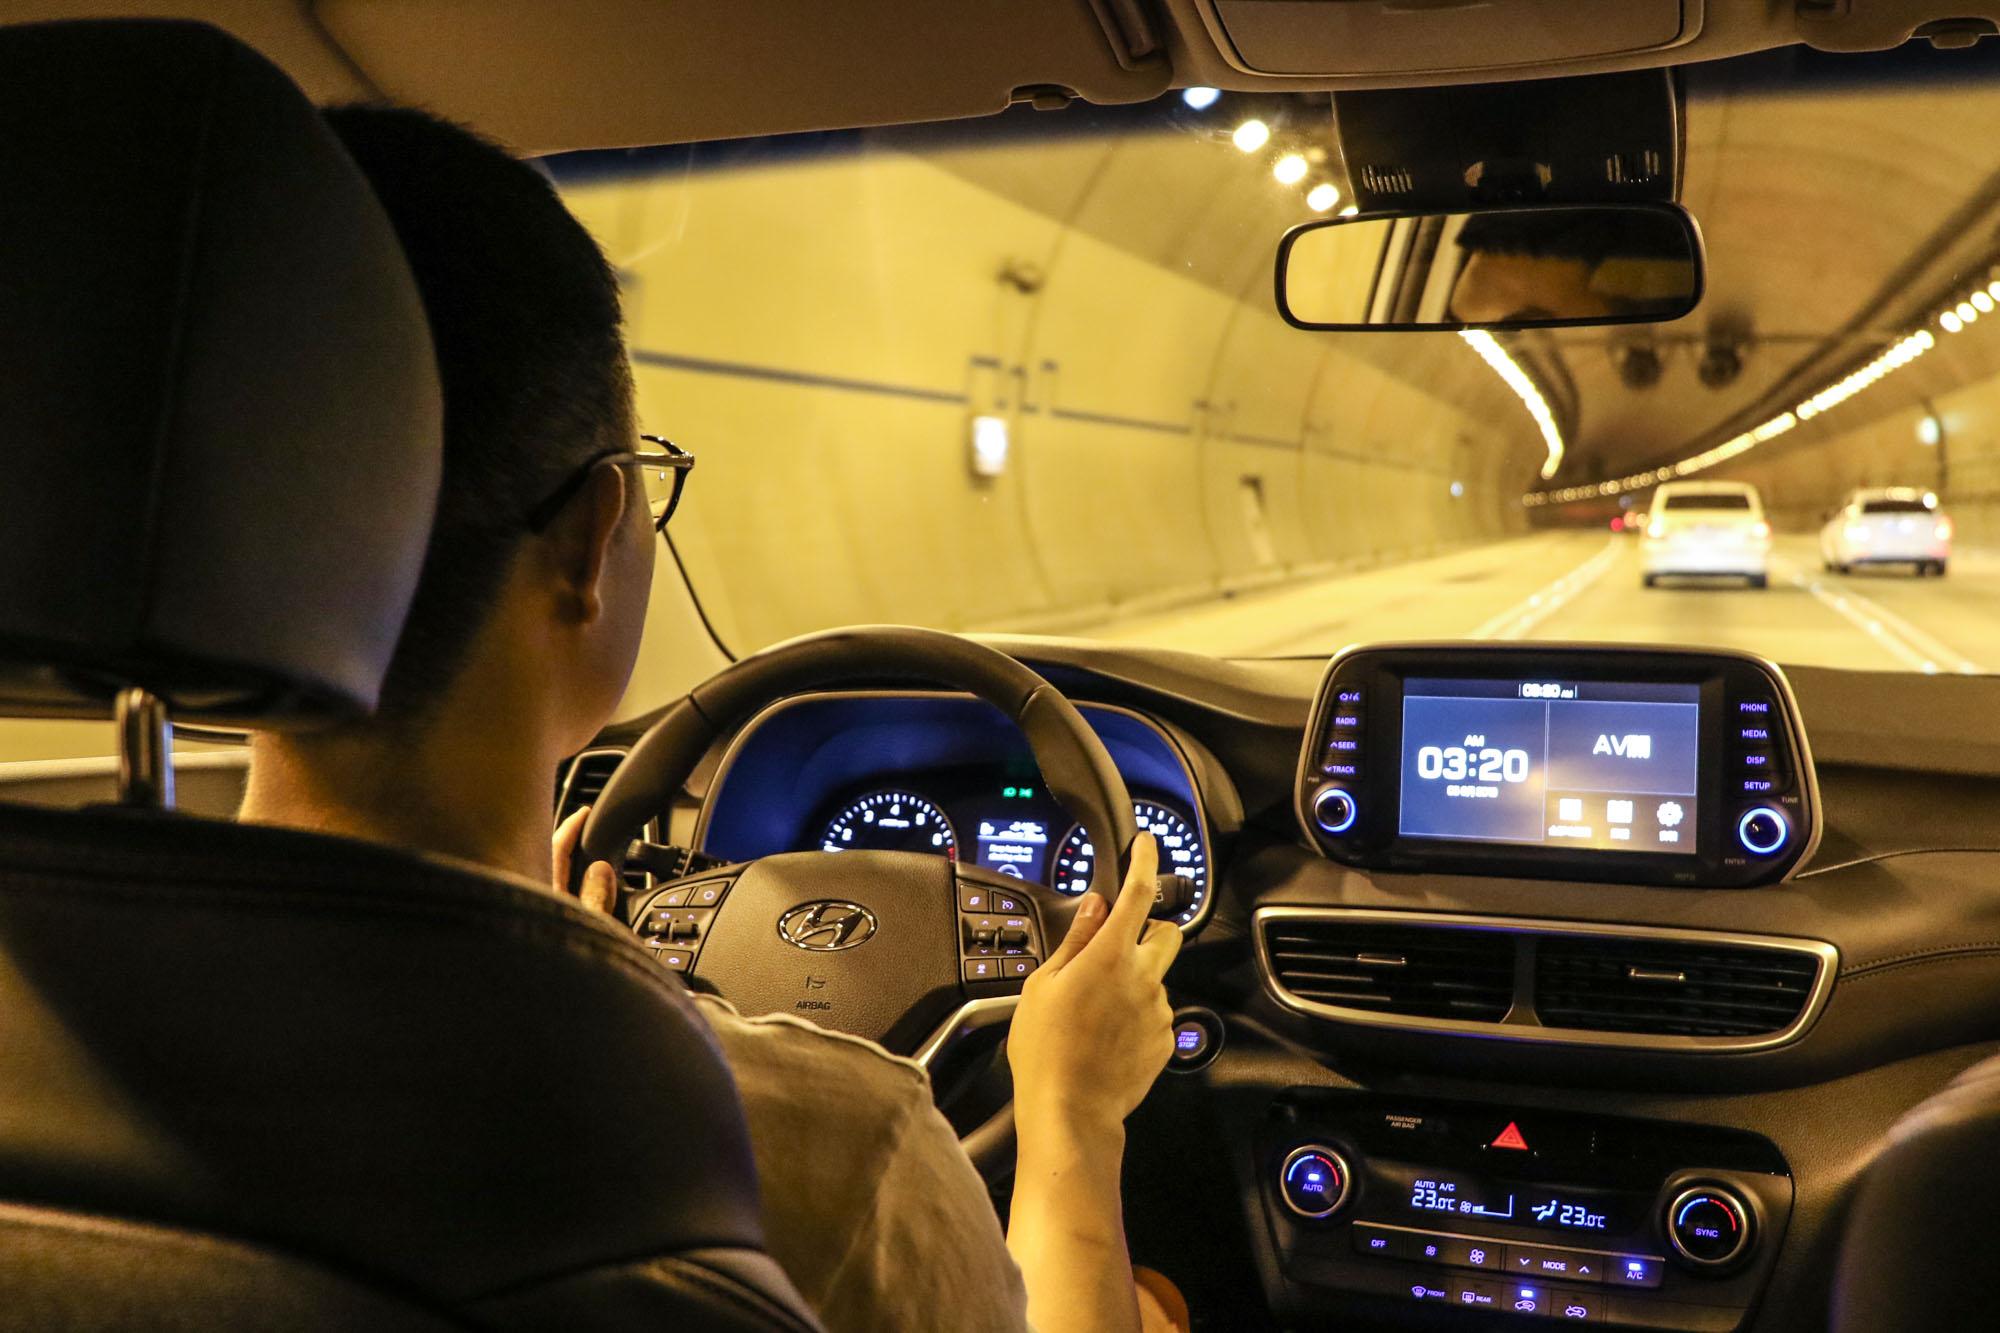 此次試駕特別於快速道路與隧道中測試,系統的反應與運作都相當精確且自然。